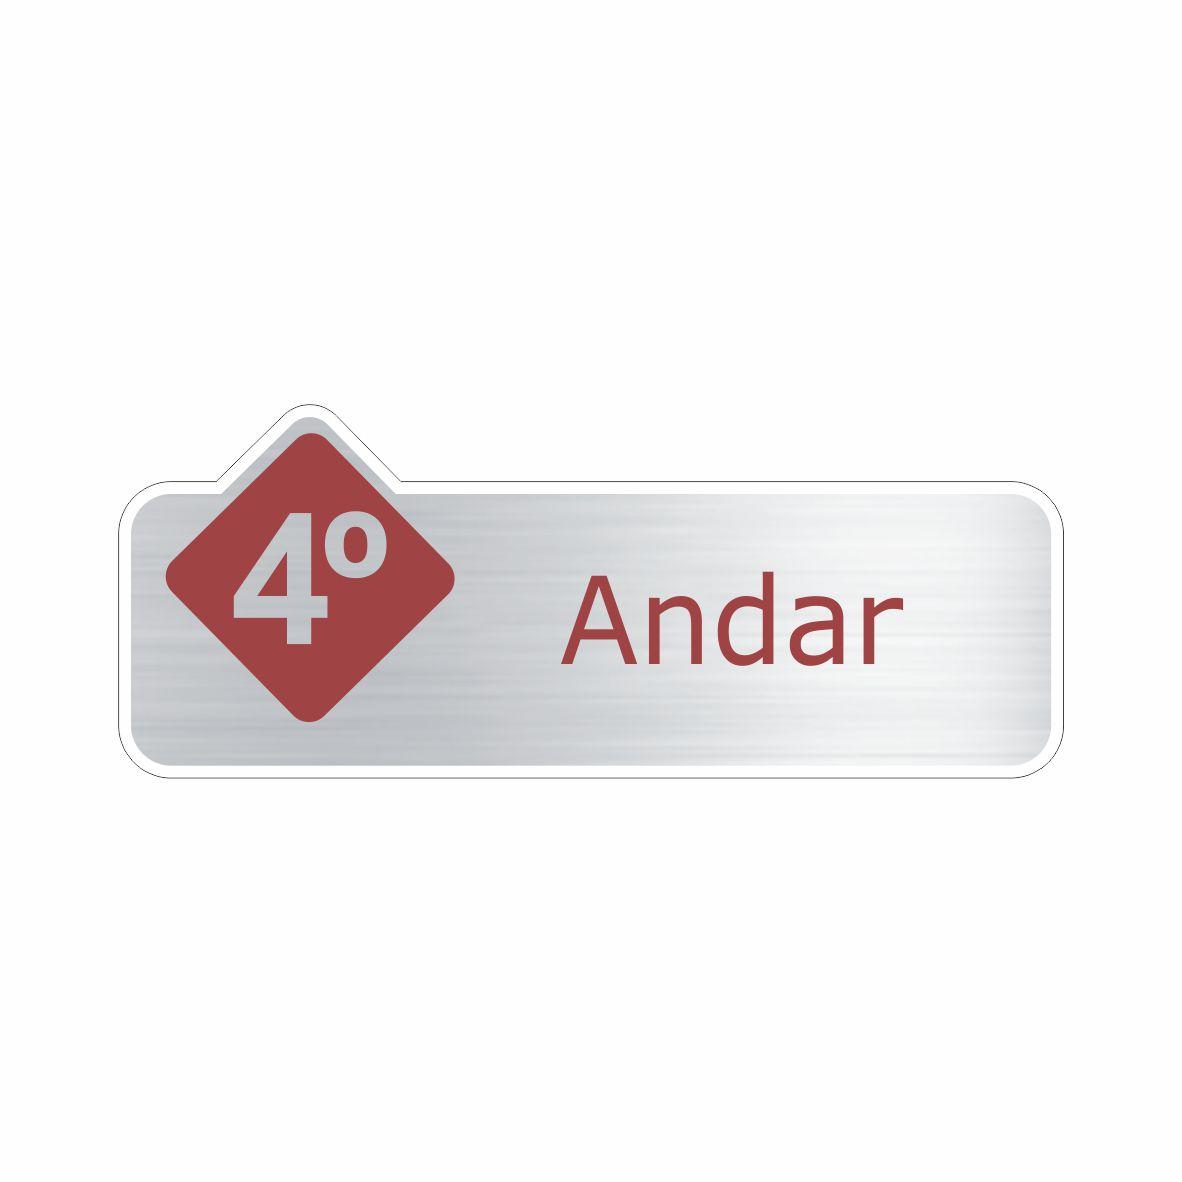 4º Andar  - Towbar Sinalização de Segurança